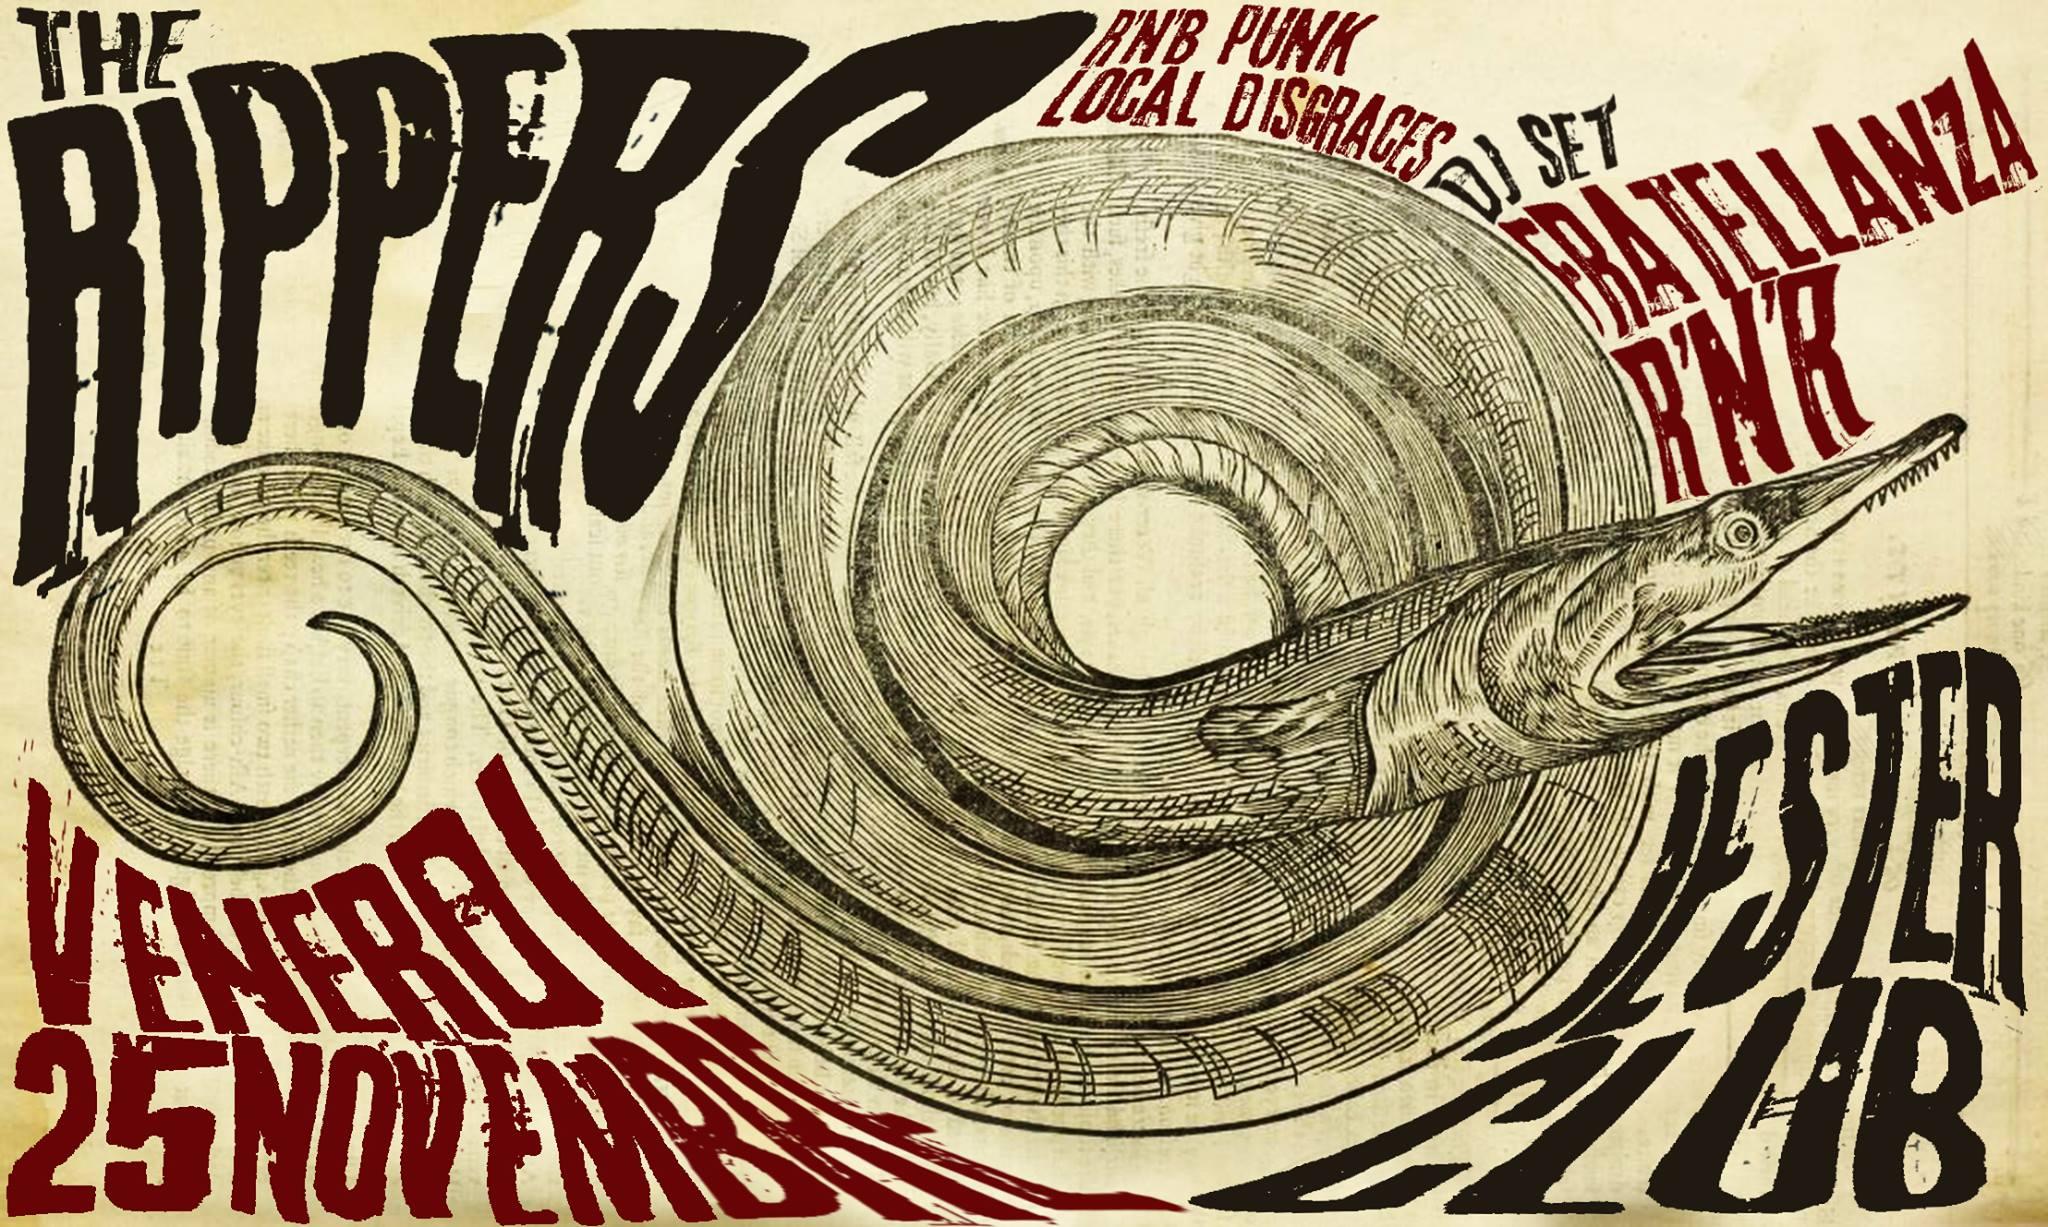 THE RIPPERS live @ Jester club (CA) – FRATELLANZA R'N'ROLL dj set